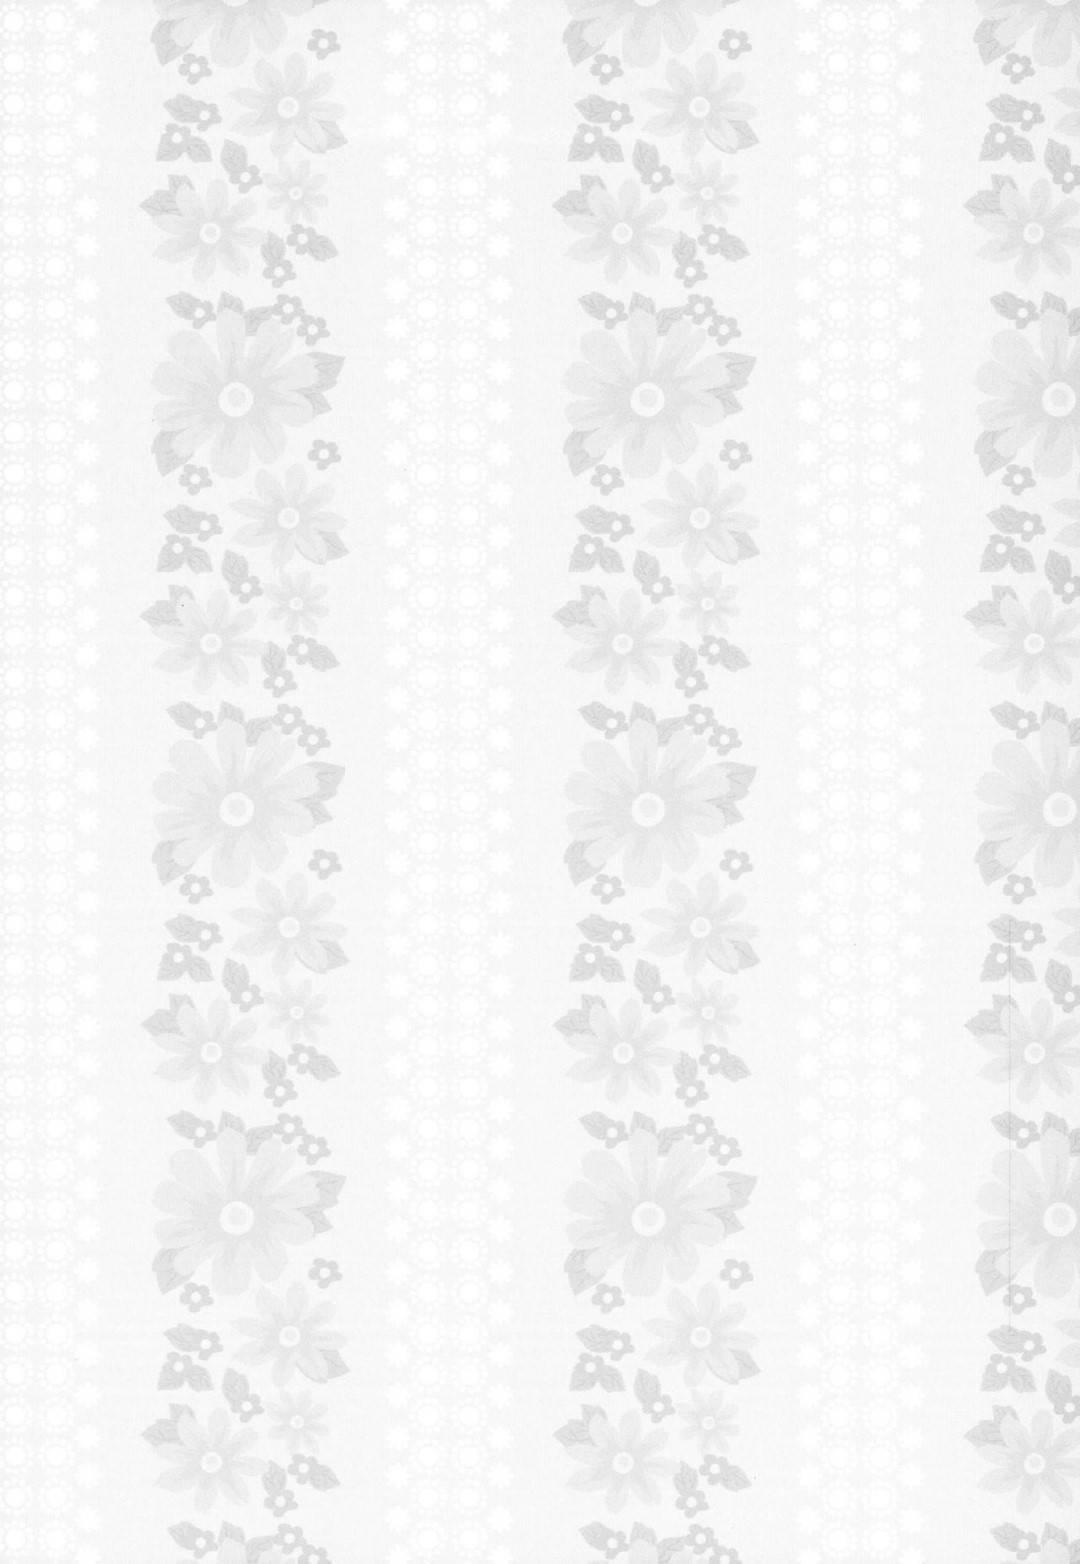 【うたプリエロ漫画】エアコンの壊れた部屋で過ごす春歌と蘭丸。暑さのあまり服を脱いだ二人だったが、そんな事をしている内にムラムラしてそのまま汗だくセックスしてしまう。乳首を舐められて敏感になった彼女をクンニや手マンでイカせて生挿入!【CELICA】